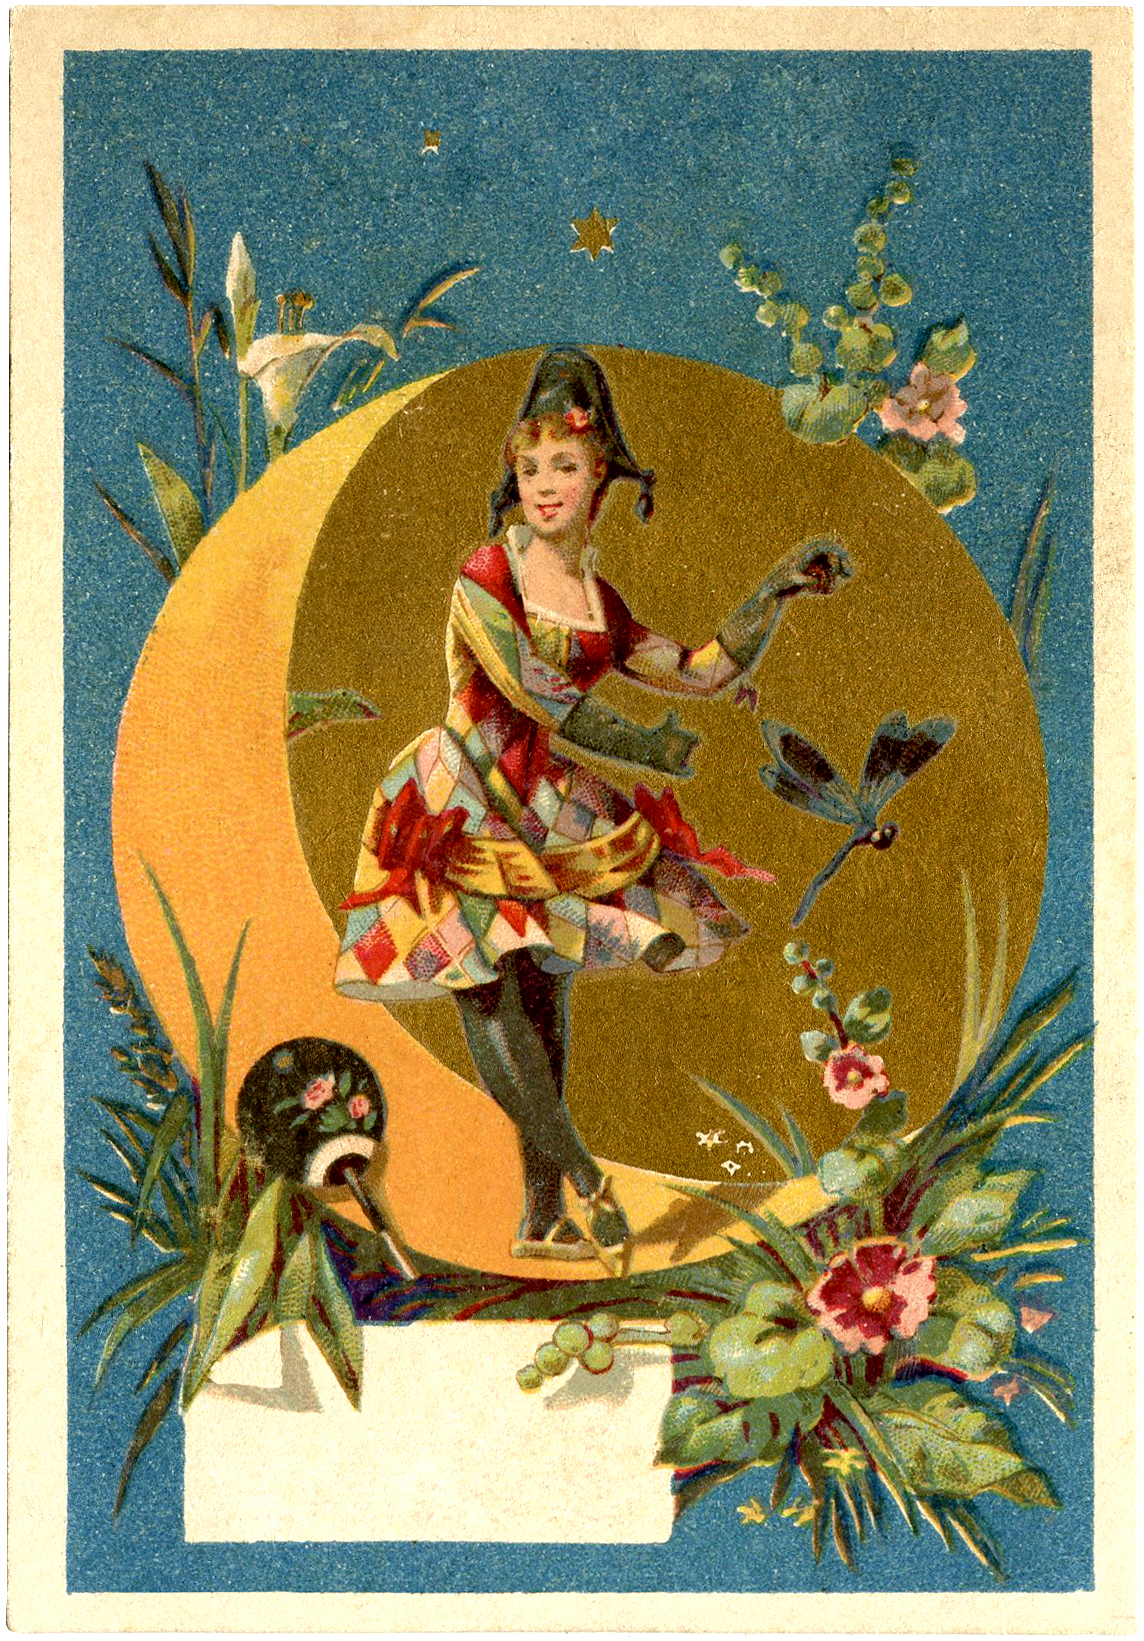 harlequin lady dancer image